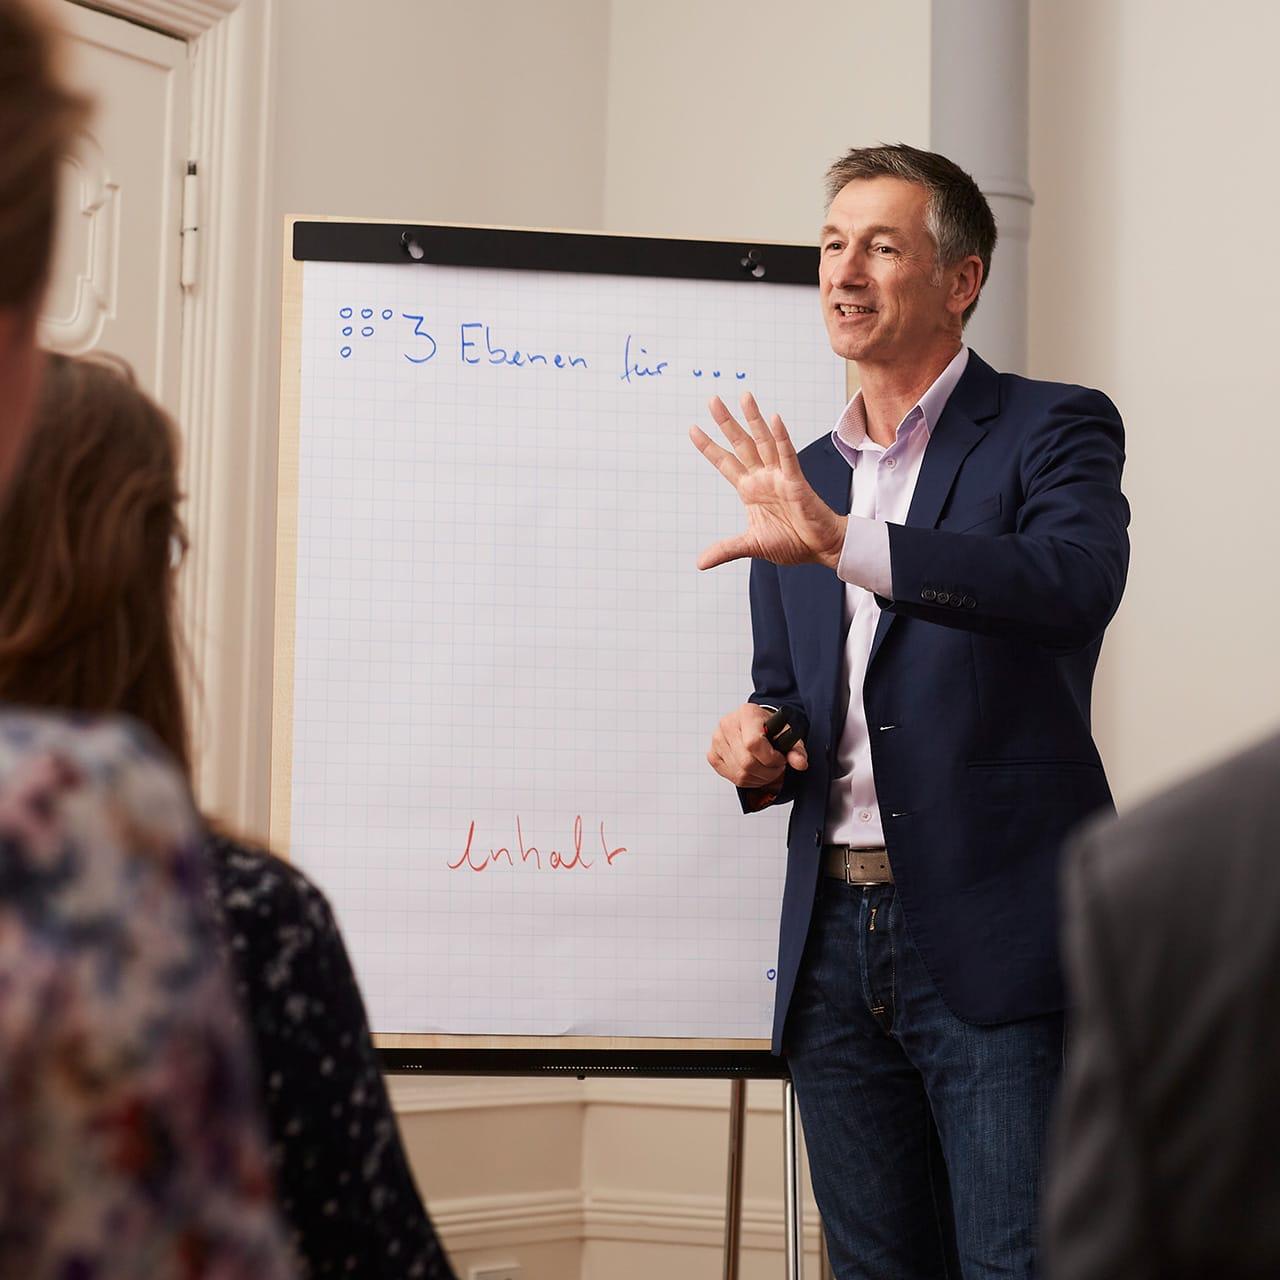 Michael Geerdts erklärt Teilnehmern eines Storytelling Workshops Geschichten gut zu erzählen